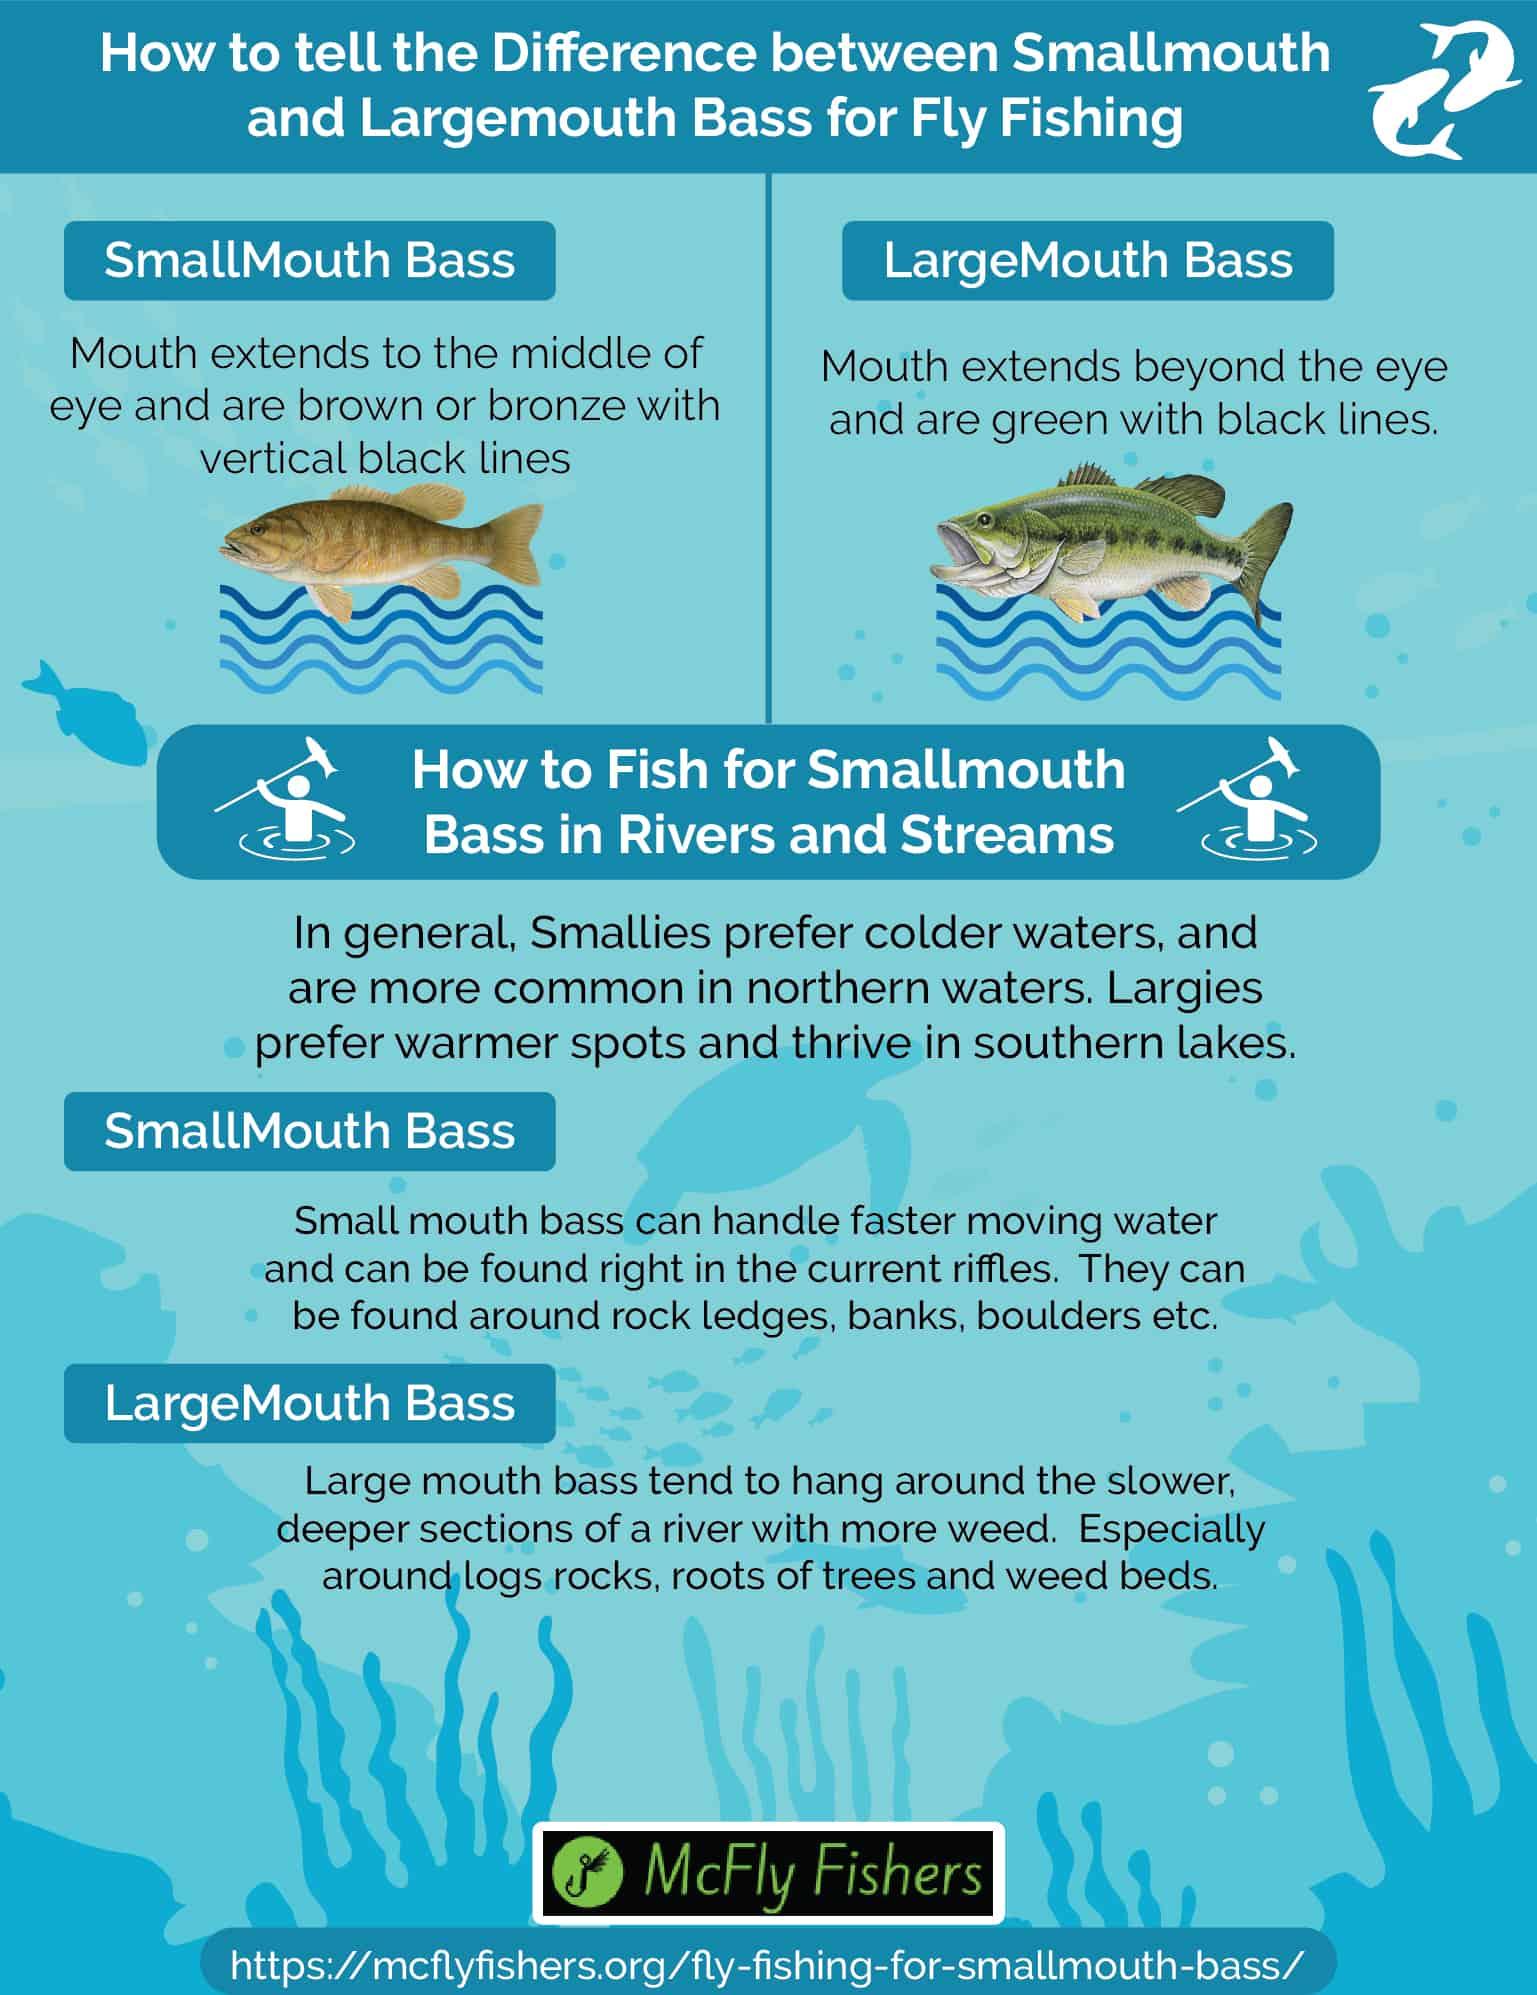 smallmouth vs largemouth bass identification